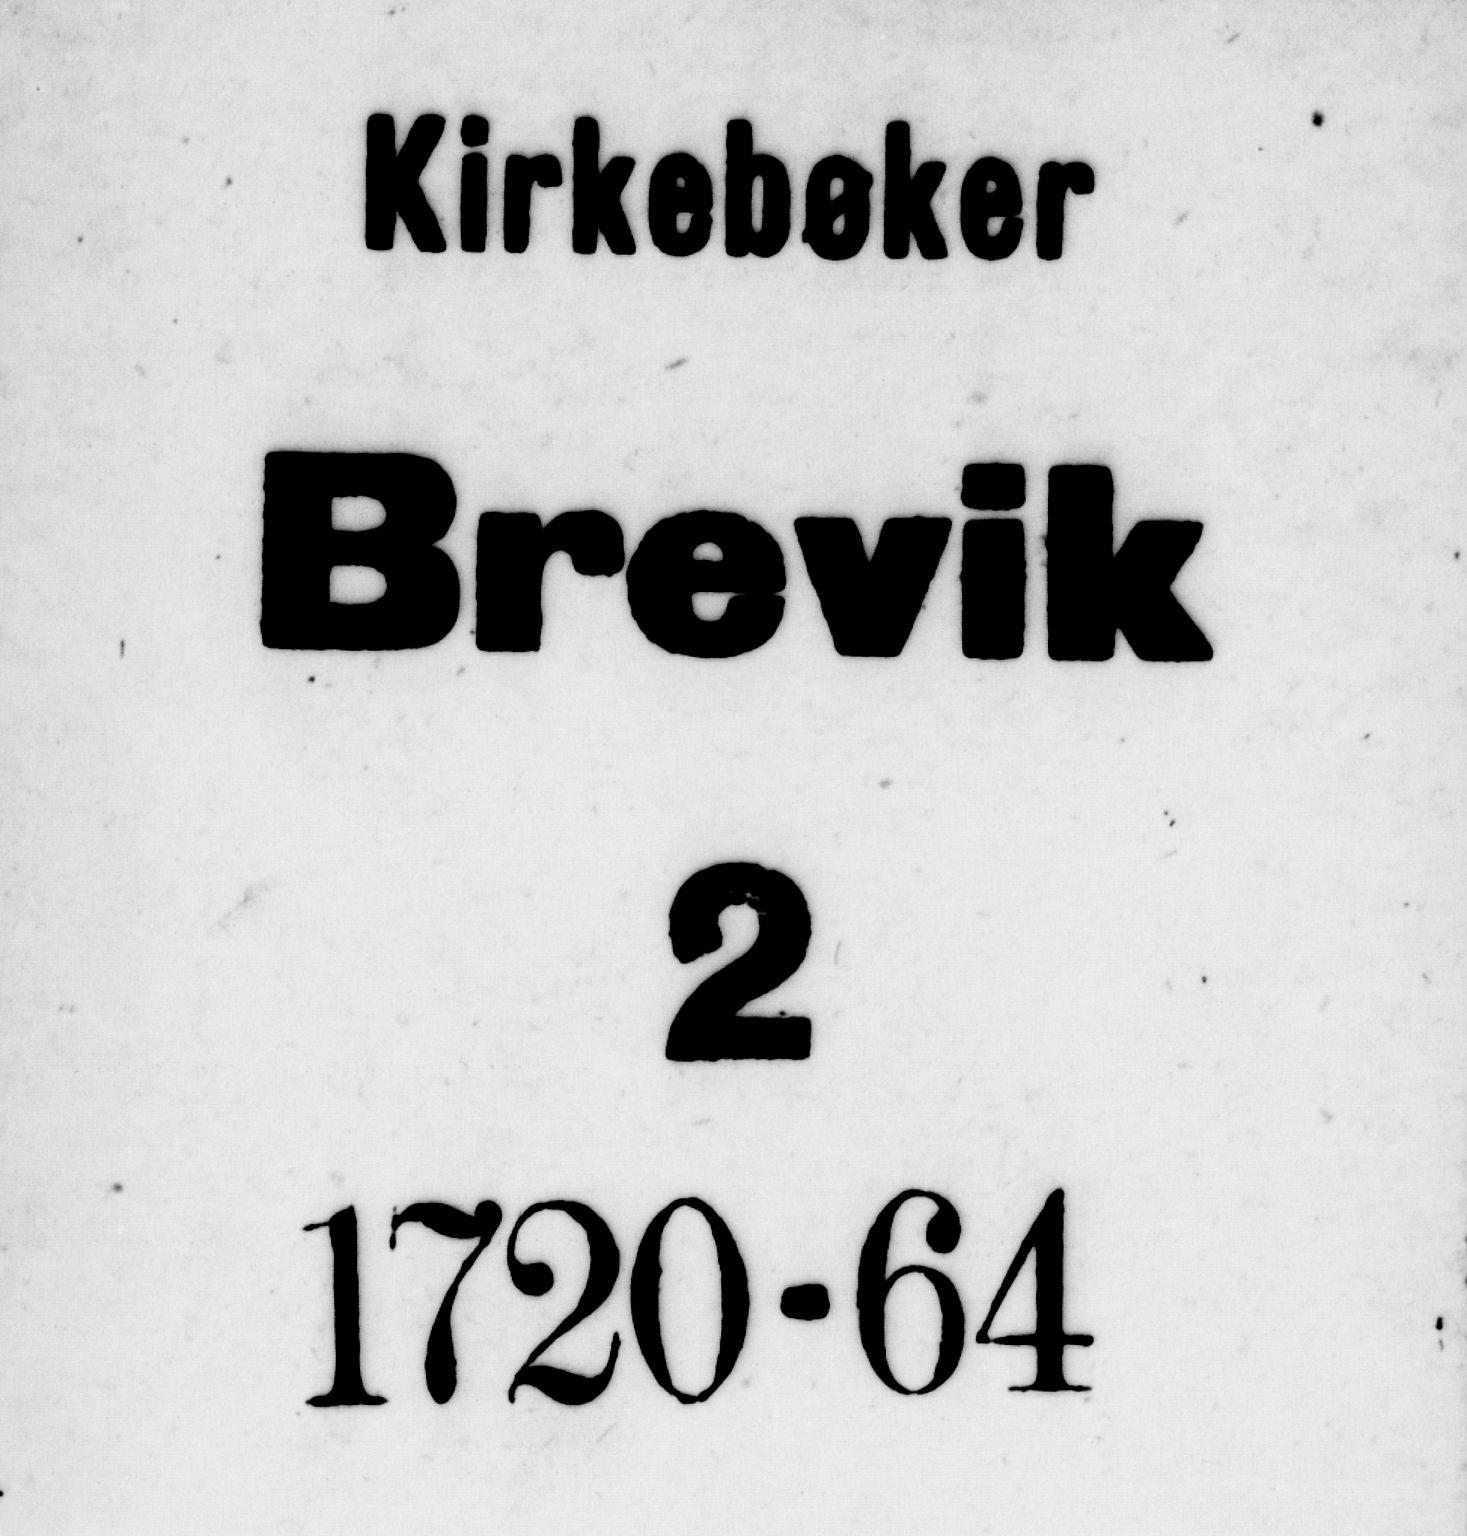 SAKO, Brevik kirkebøker, F/Fa/L0002: Ministerialbok nr. 2, 1720-1764